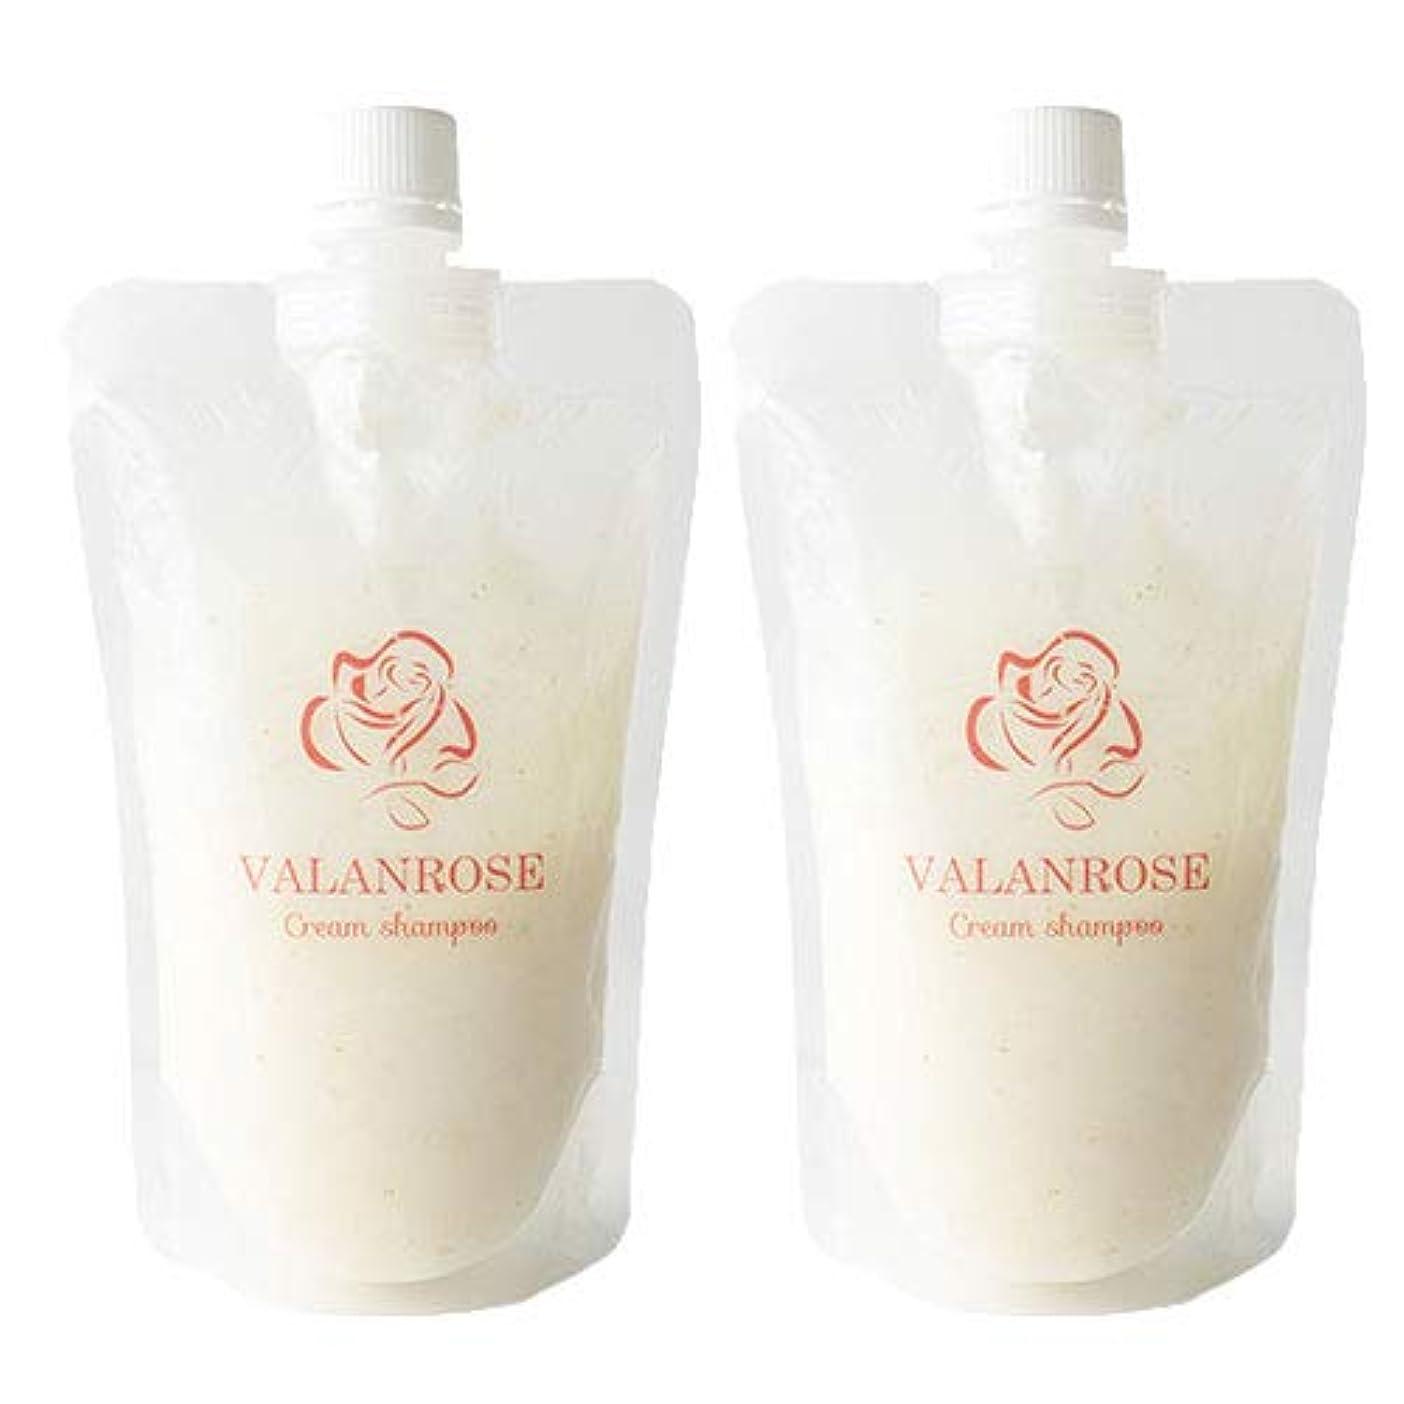 操作可能水っぽいステップバランローズ クリームシャンプー2個×1セット VALANROSE Cream shampoo/シャンプー クリームシャンプー 髪 ヘアケア